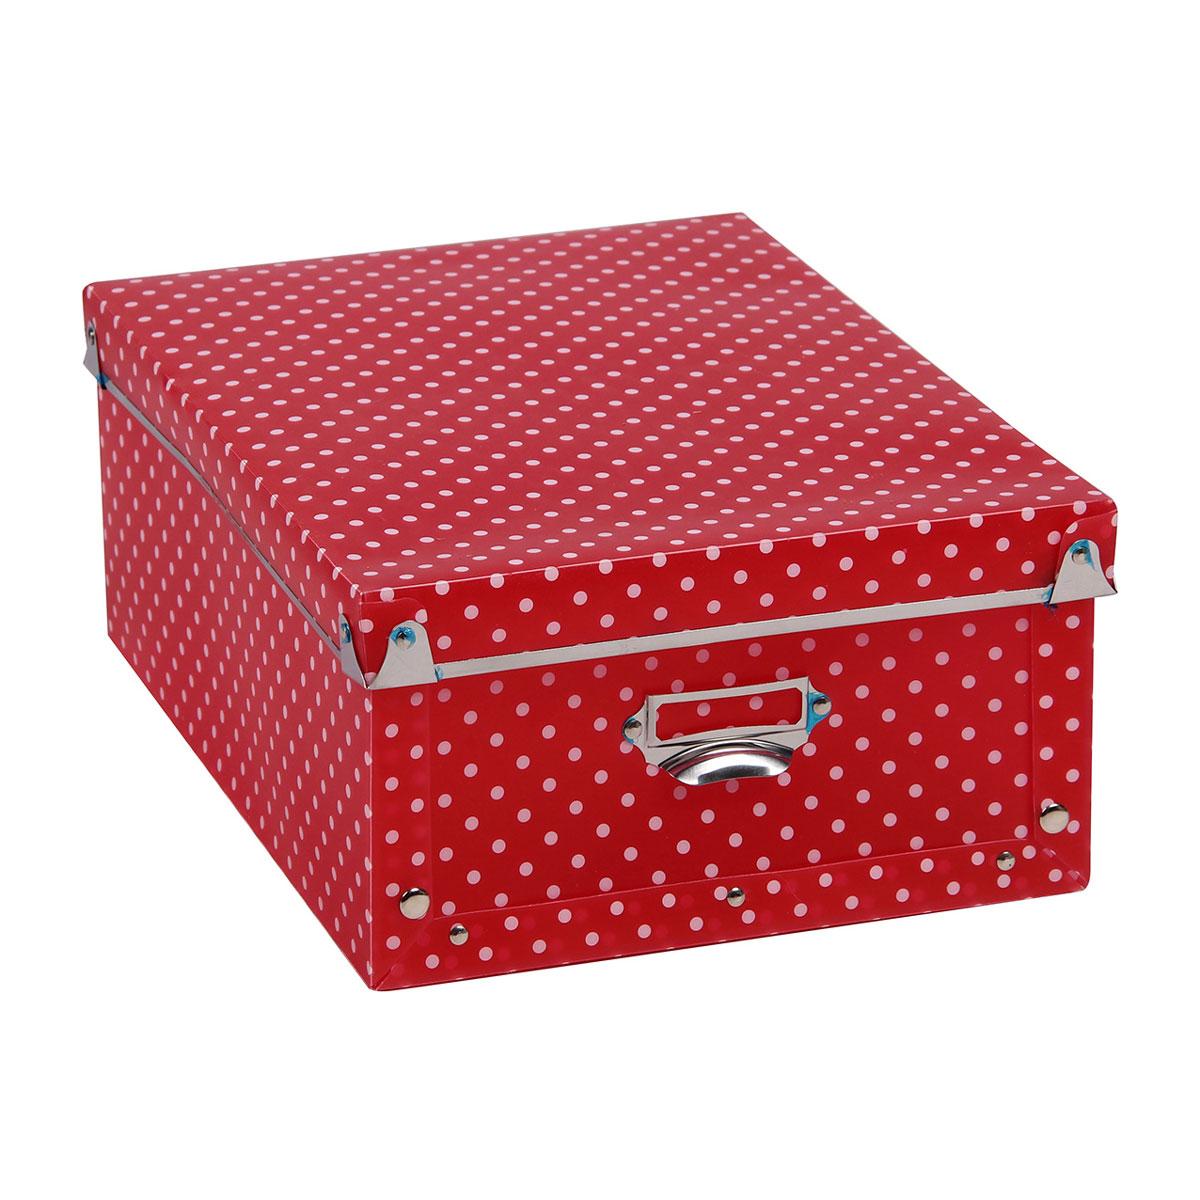 Короб для xранения Miolla, 27 x 18,5 x 14 см. SBD-01Брелок для ключейУдобный и практичный короб Miolla идеально подойдет для хранения бумаг, канцелярских принадлежностей и любых других мелочей. Удобная крышка защитит ваши вещи от пыли, а боковые ручки позволят с легкостью переносить короб с места на место.Размер: 27 x 18,5 x 14 см.